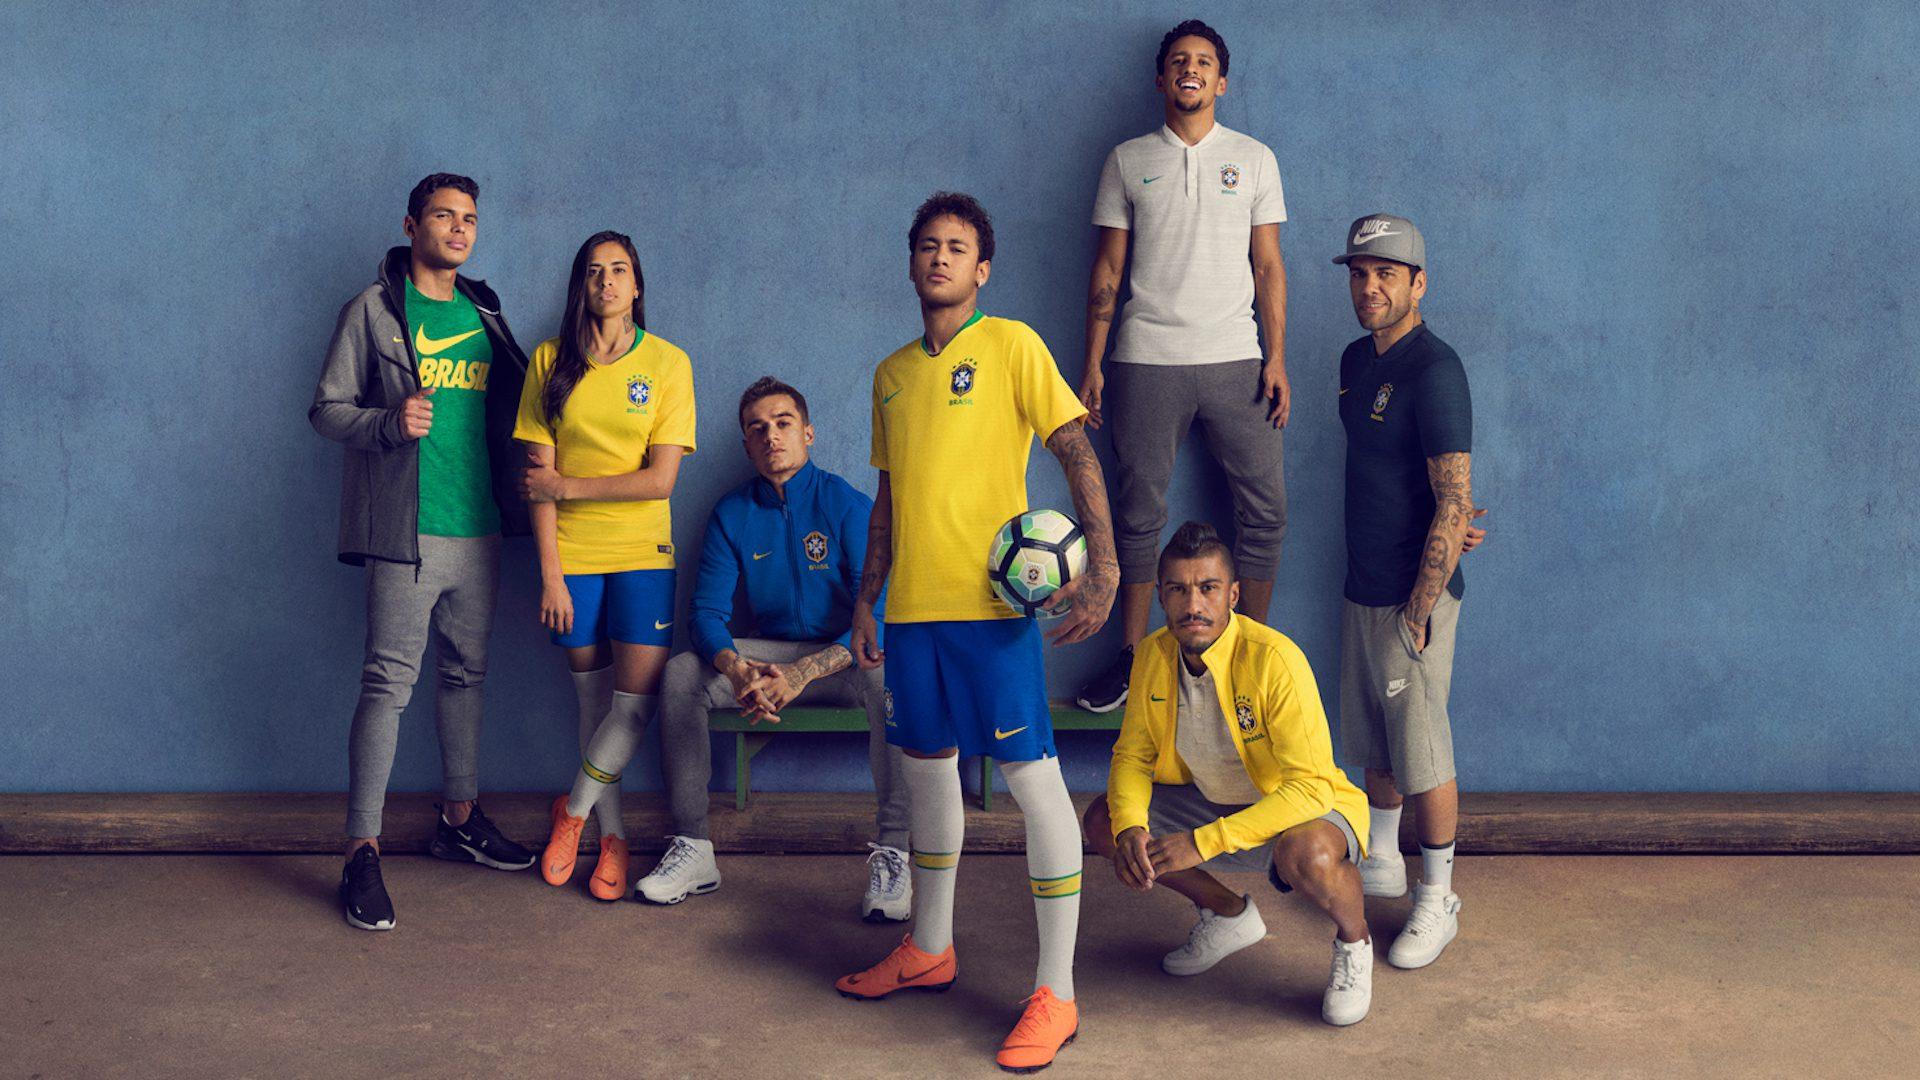 brasile maglie mondiali calcio 2018 di nike